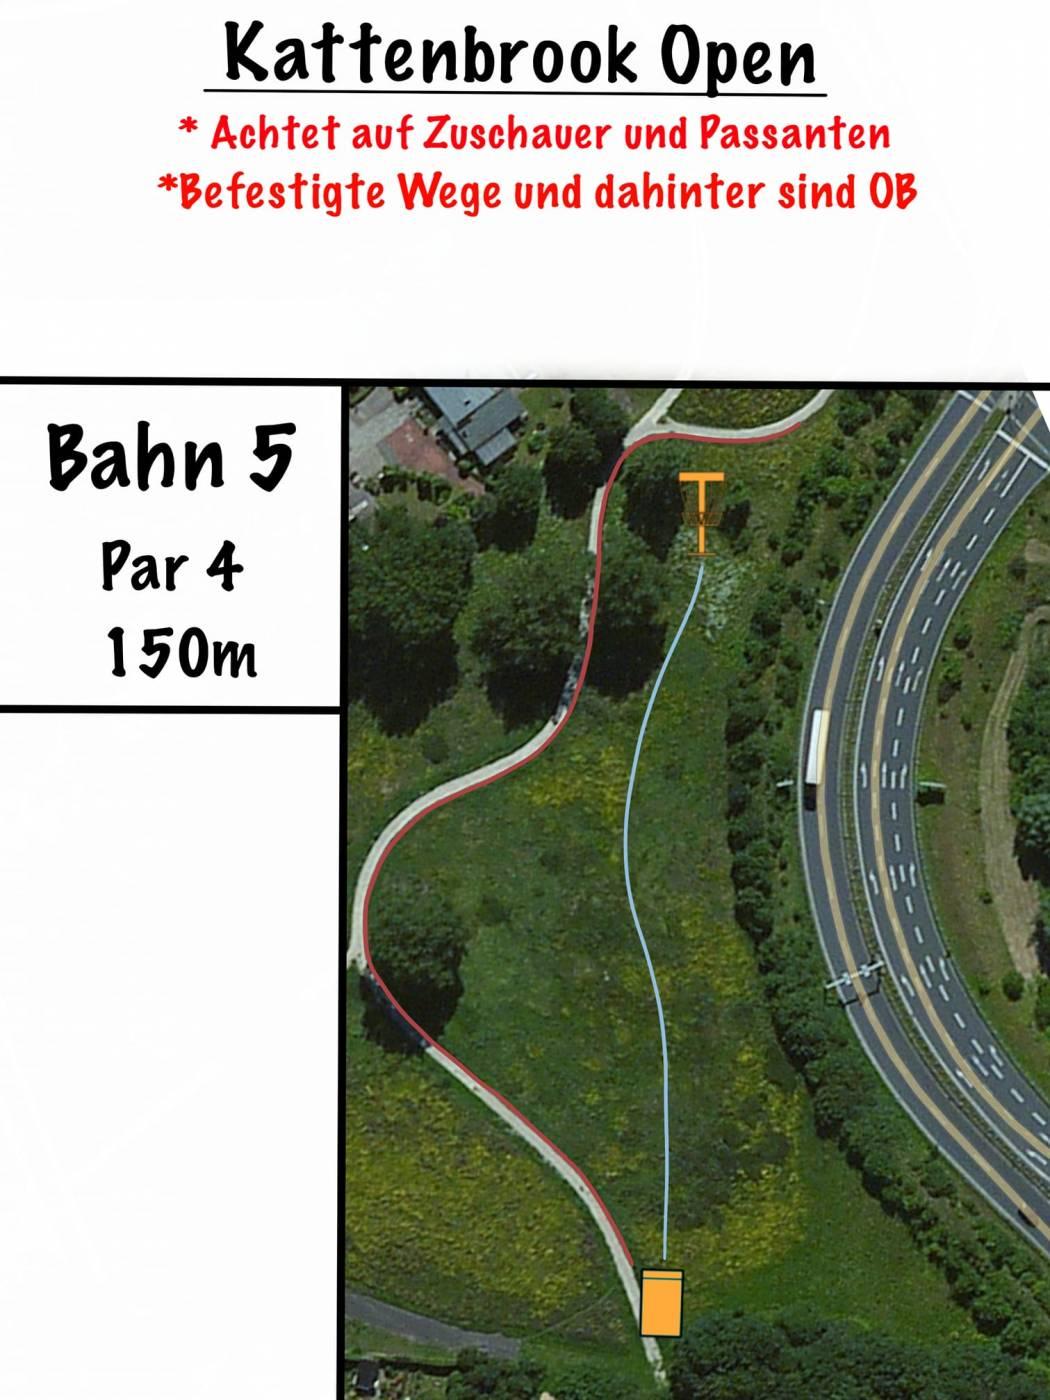 Bahn5